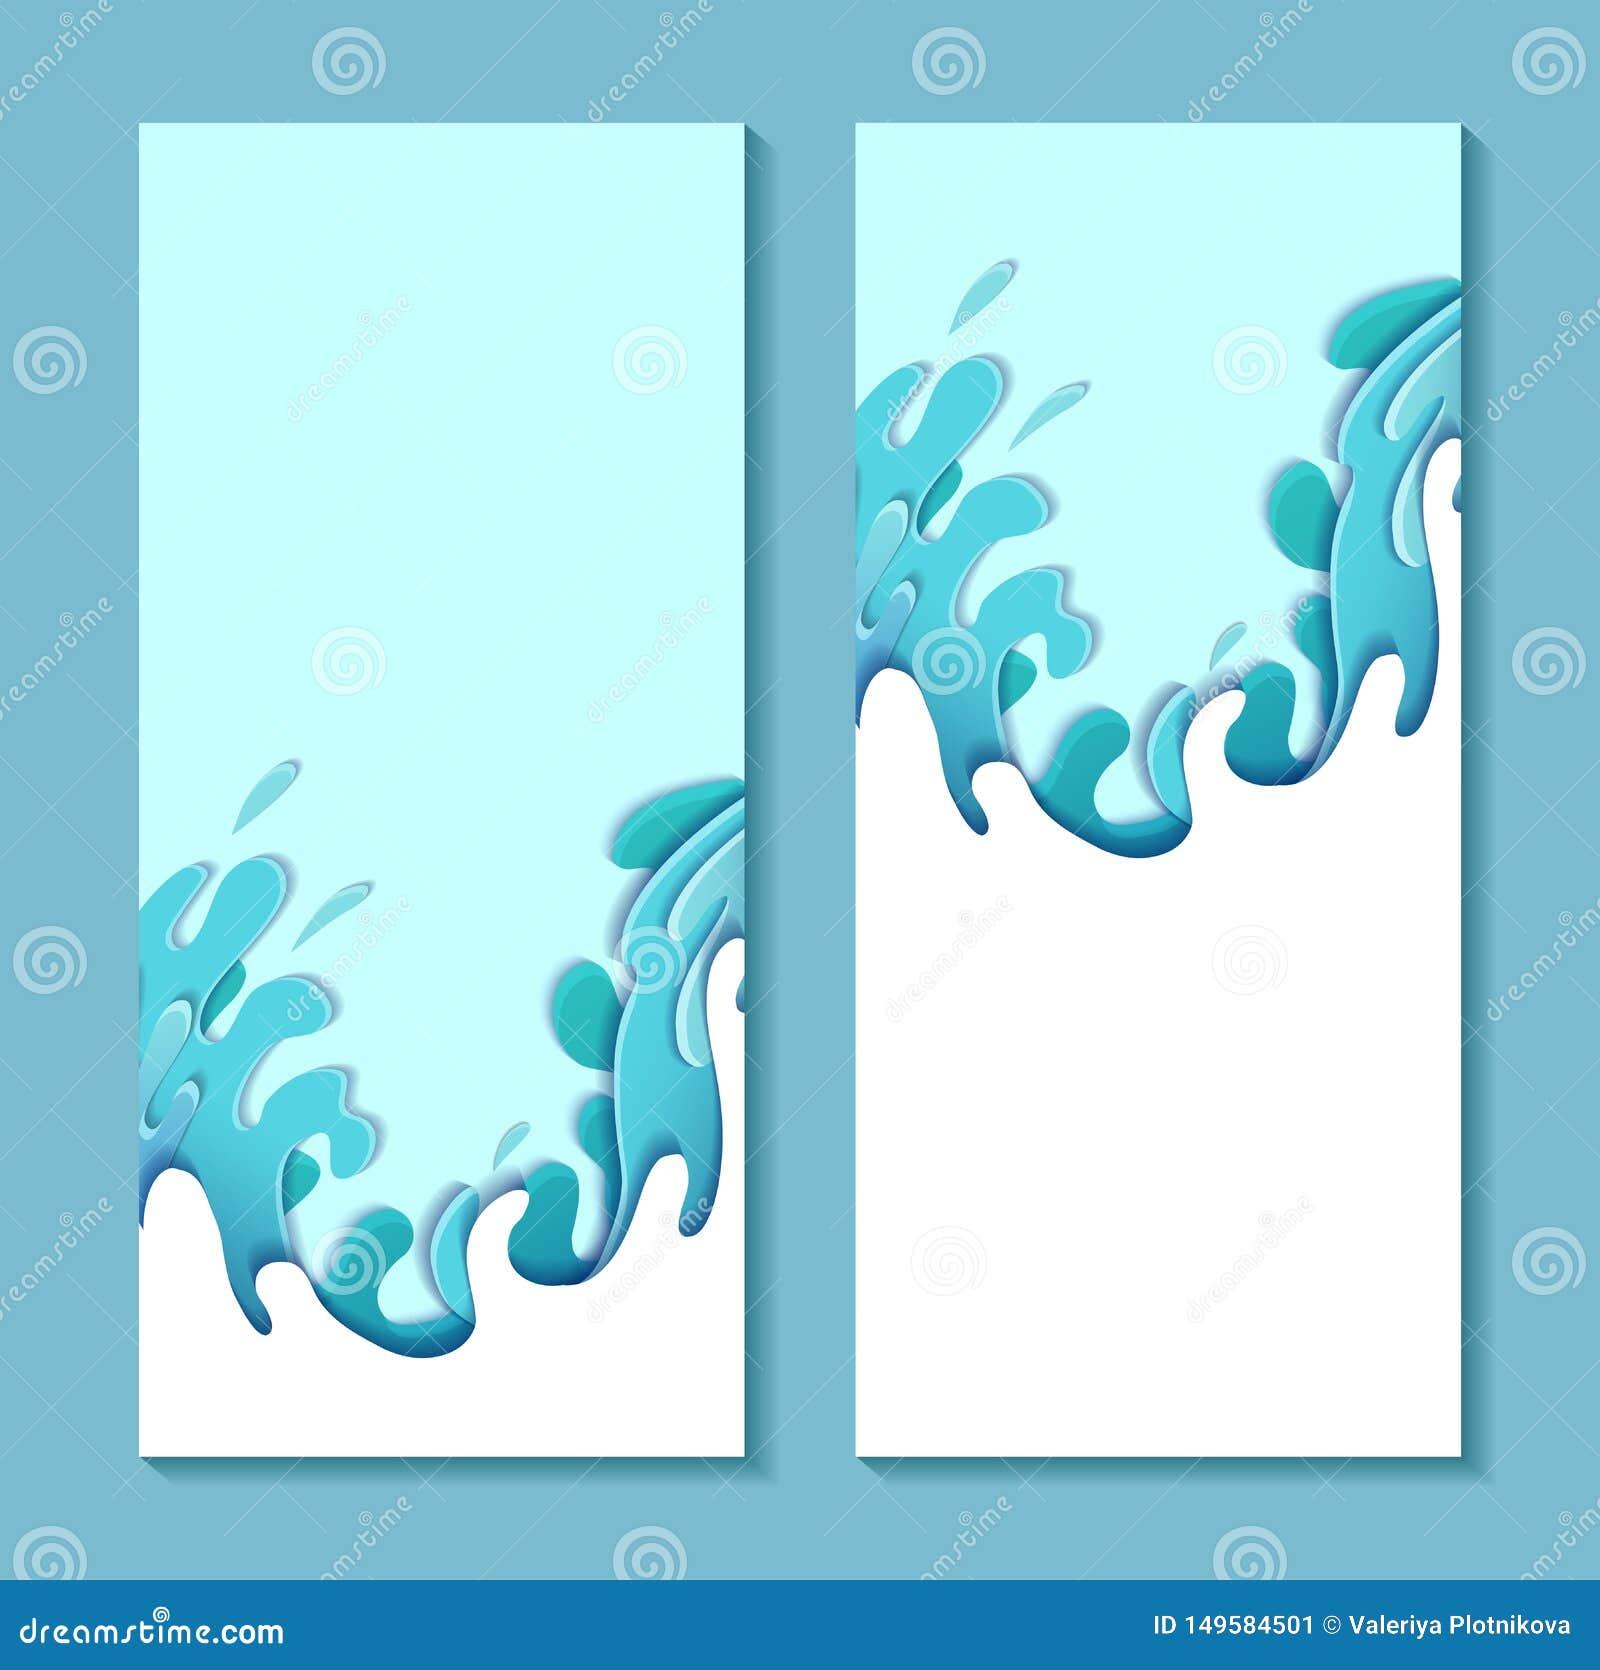 Σύνολο κάθετου εμβλήματος τα βίαια κύματα θάλασσας που αποκόπτουν με του εγγράφου Κάρτα με το τρισδιάστατο πολυστρωματικό σχέδιο